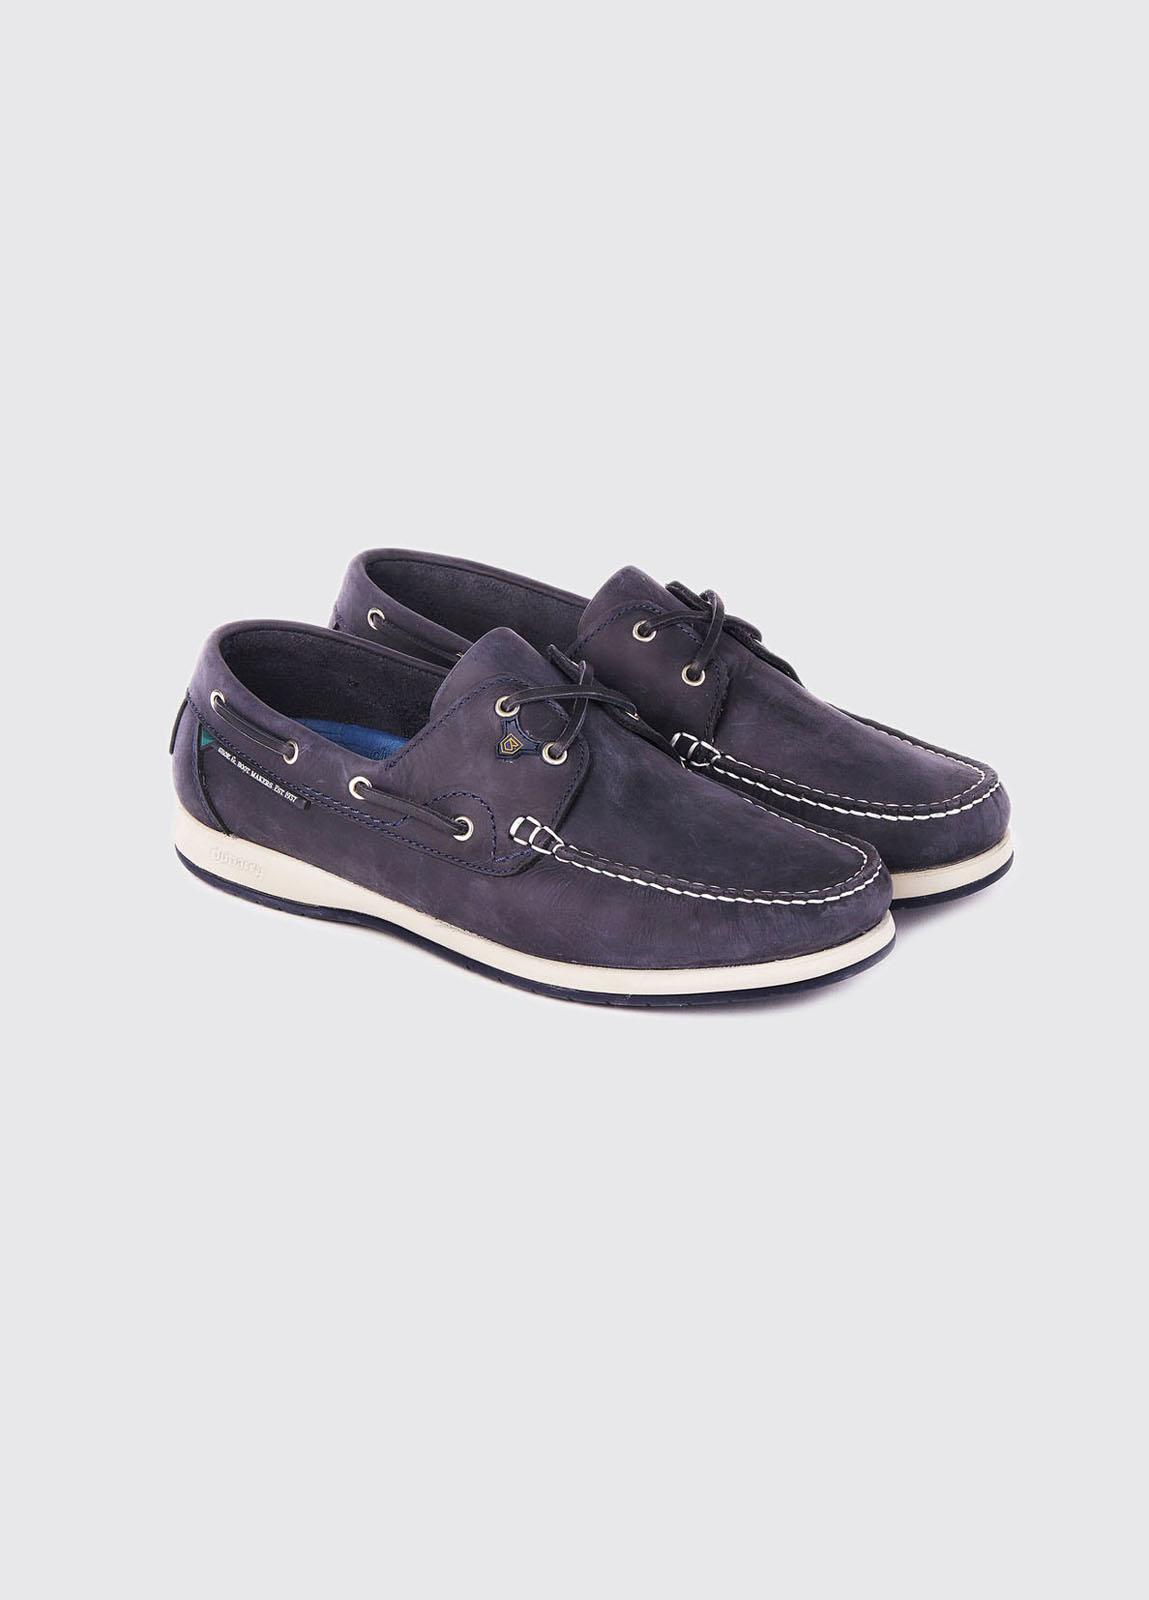 Sailmaker X LT Deck Shoe - Navy